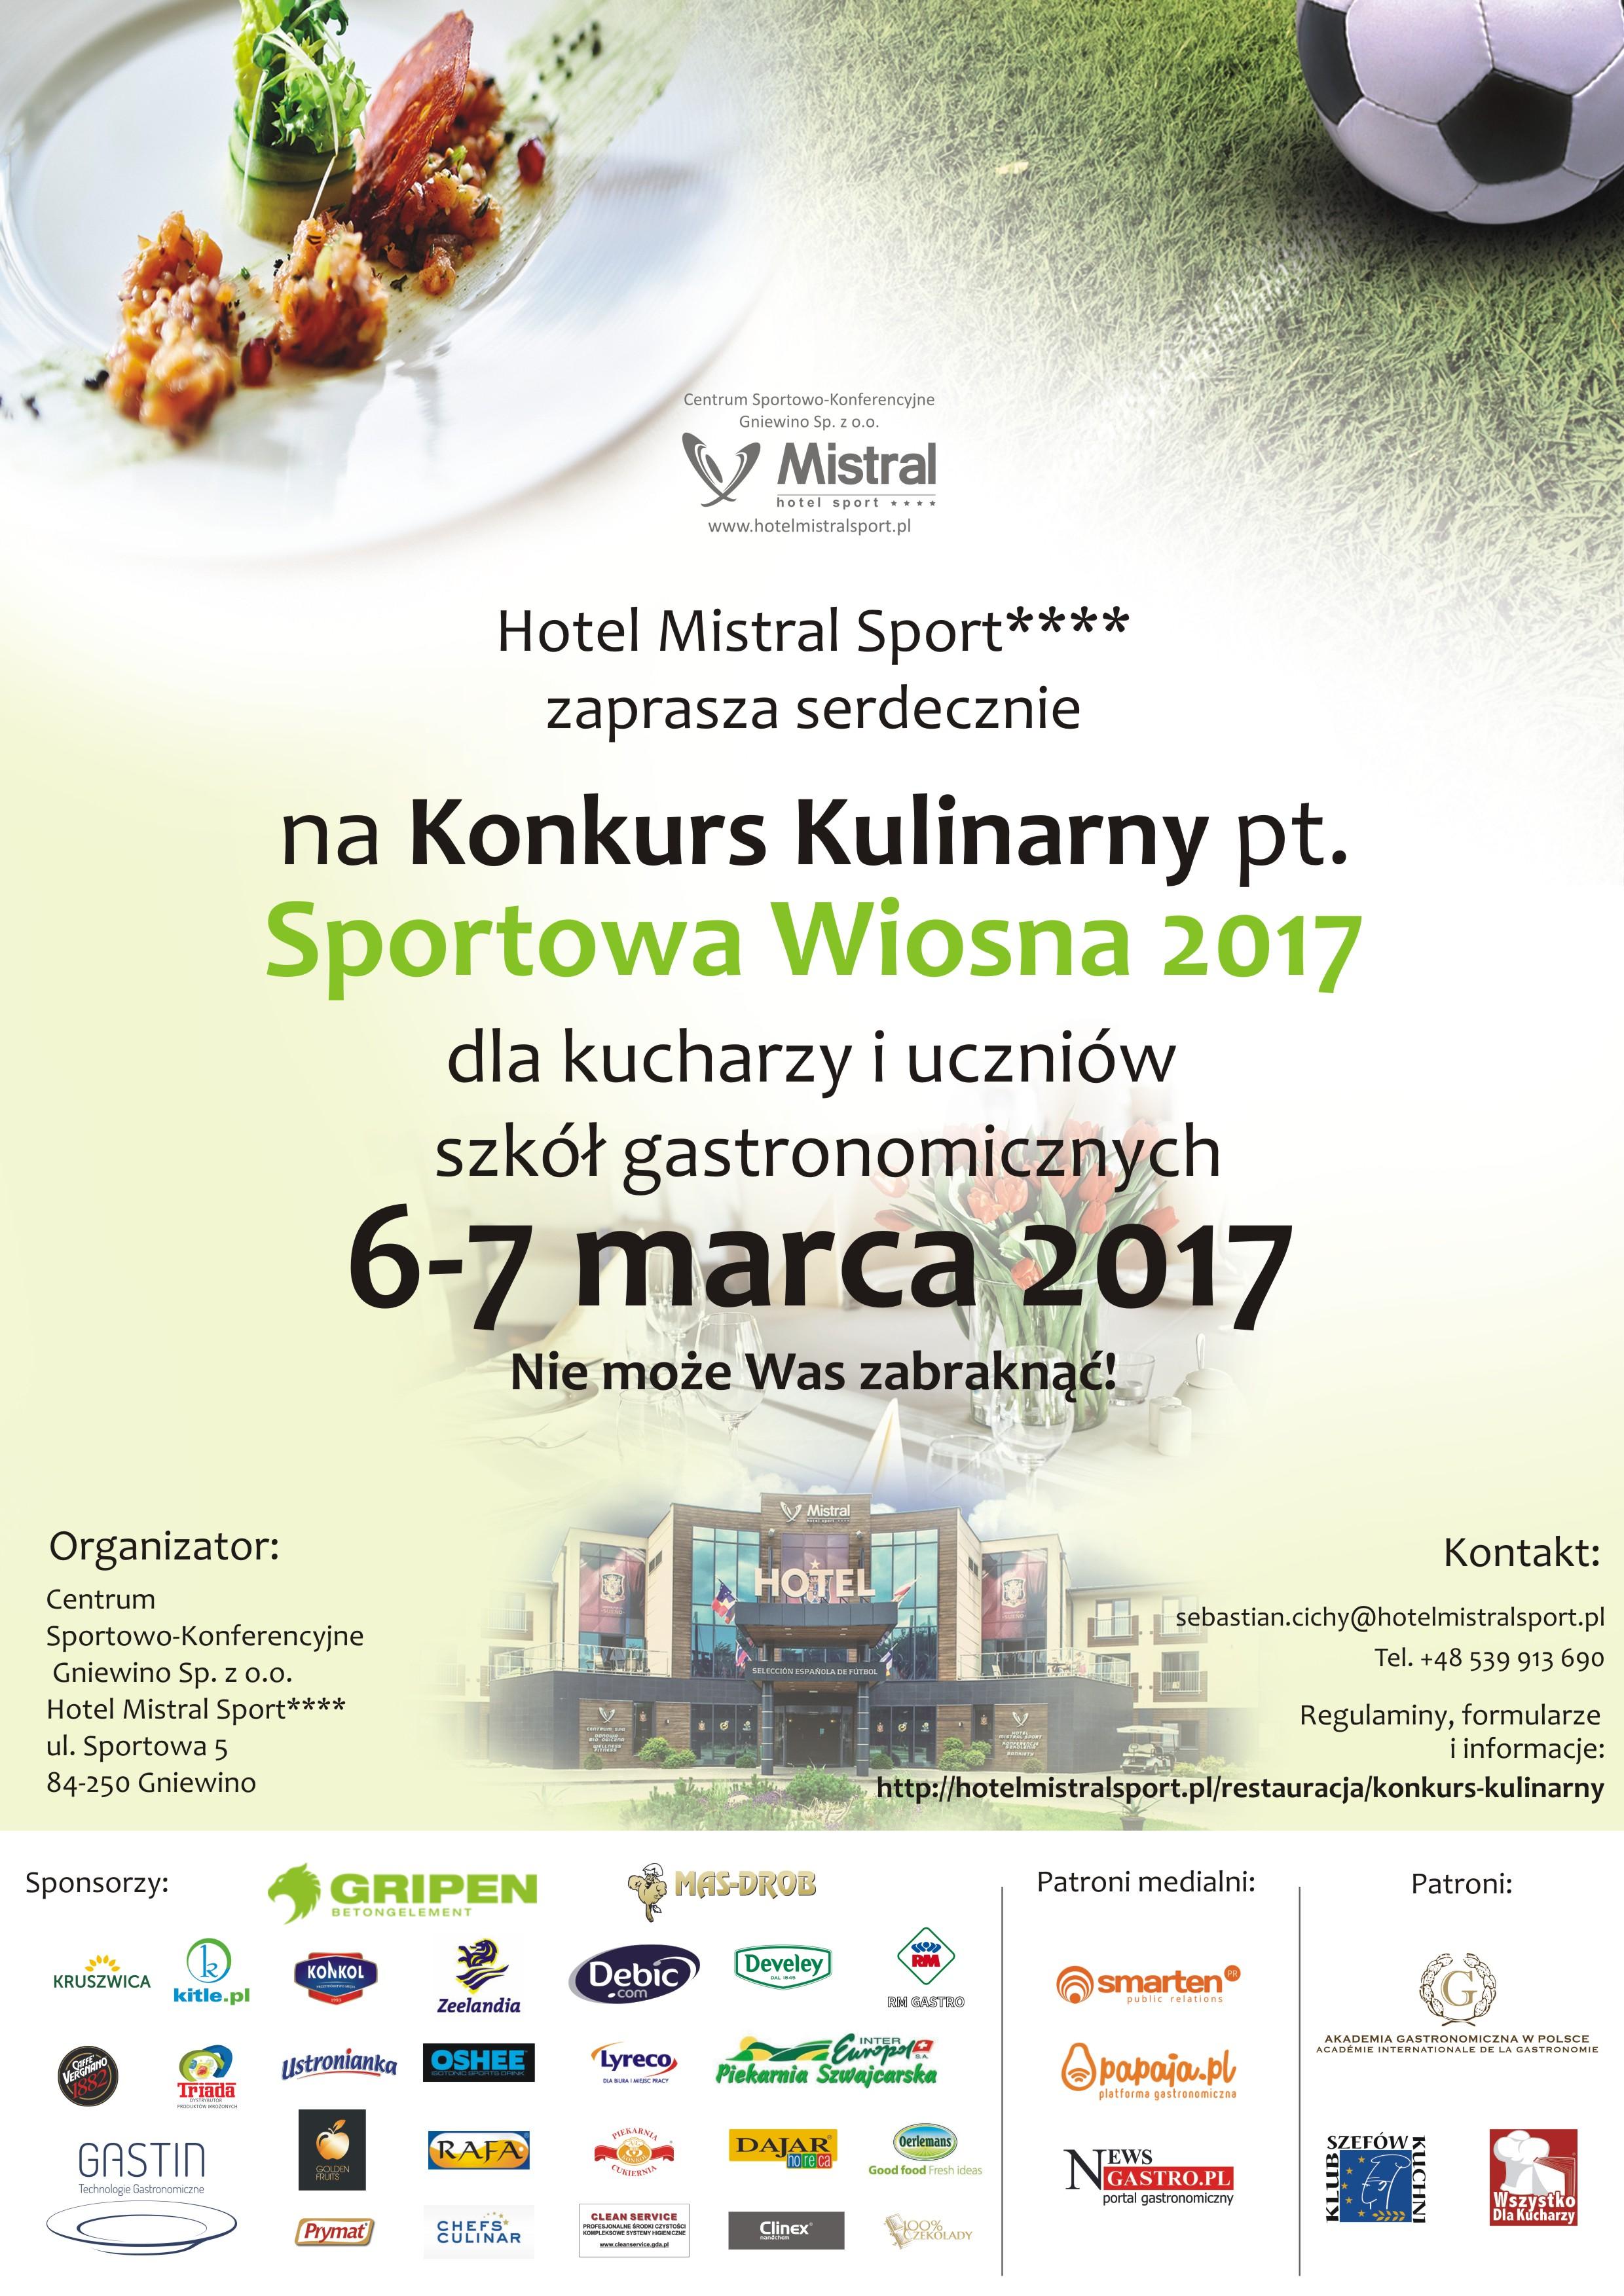 konkurs_kulinarny_plakat_a3_2017